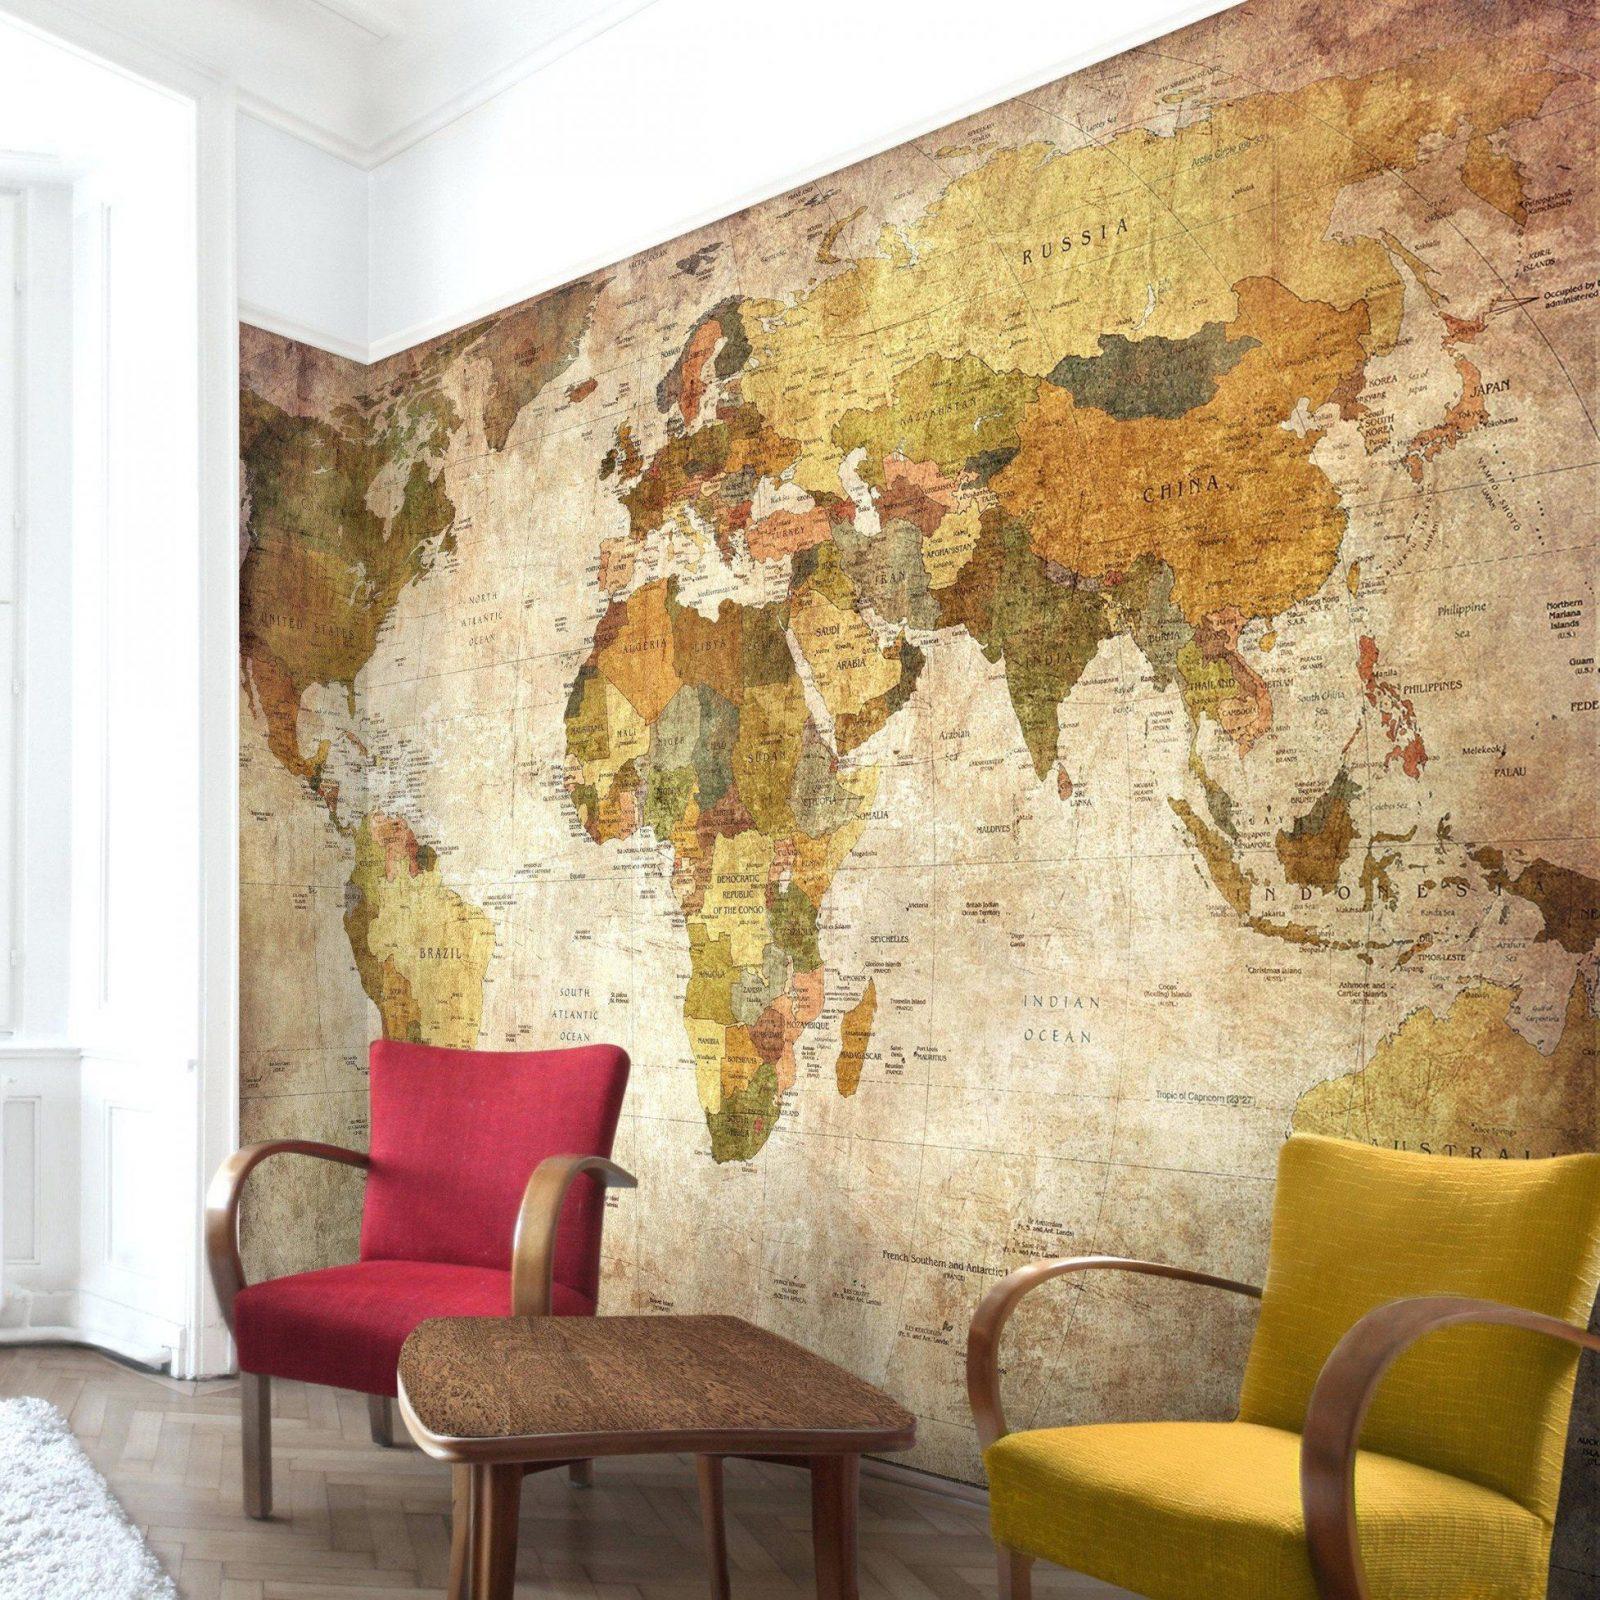 Fototapete Selber Gestalten Unglaubliche Inspiration Weltkarte von Fototapete Collage Selbst Gestalten Bild